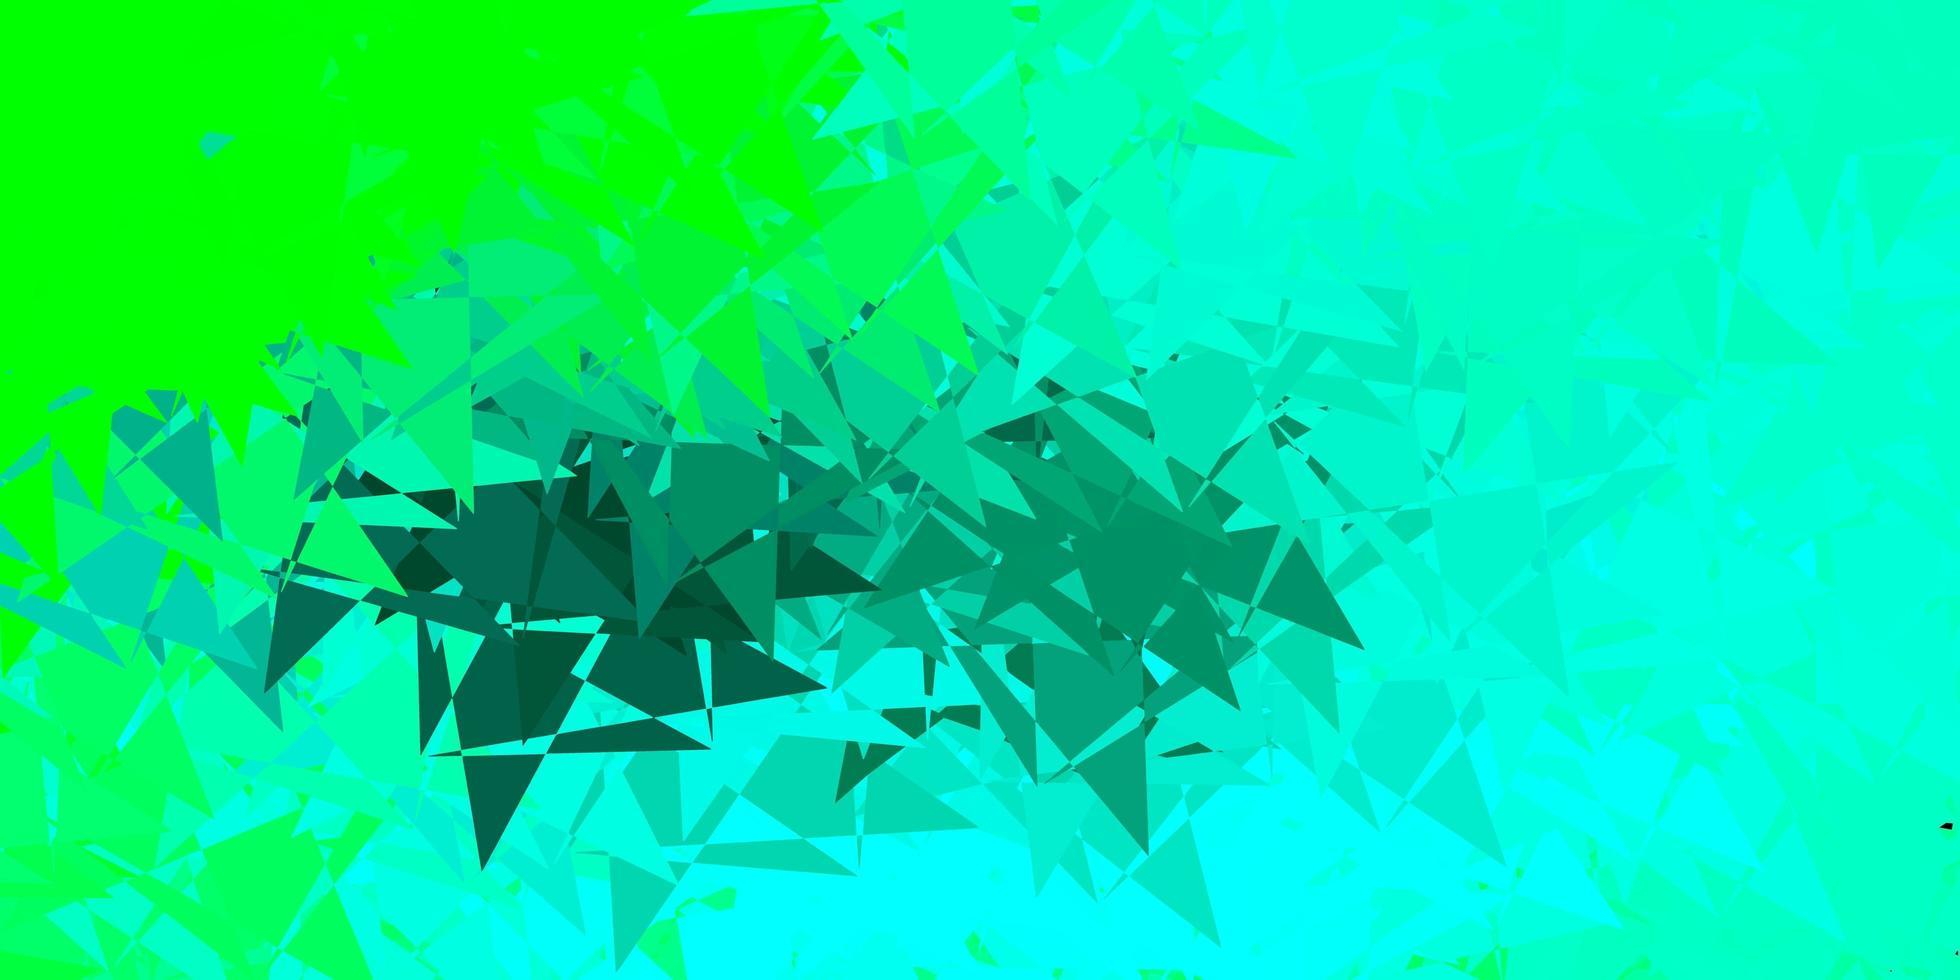 modèle vectoriel vert clair avec des formes polygonales.